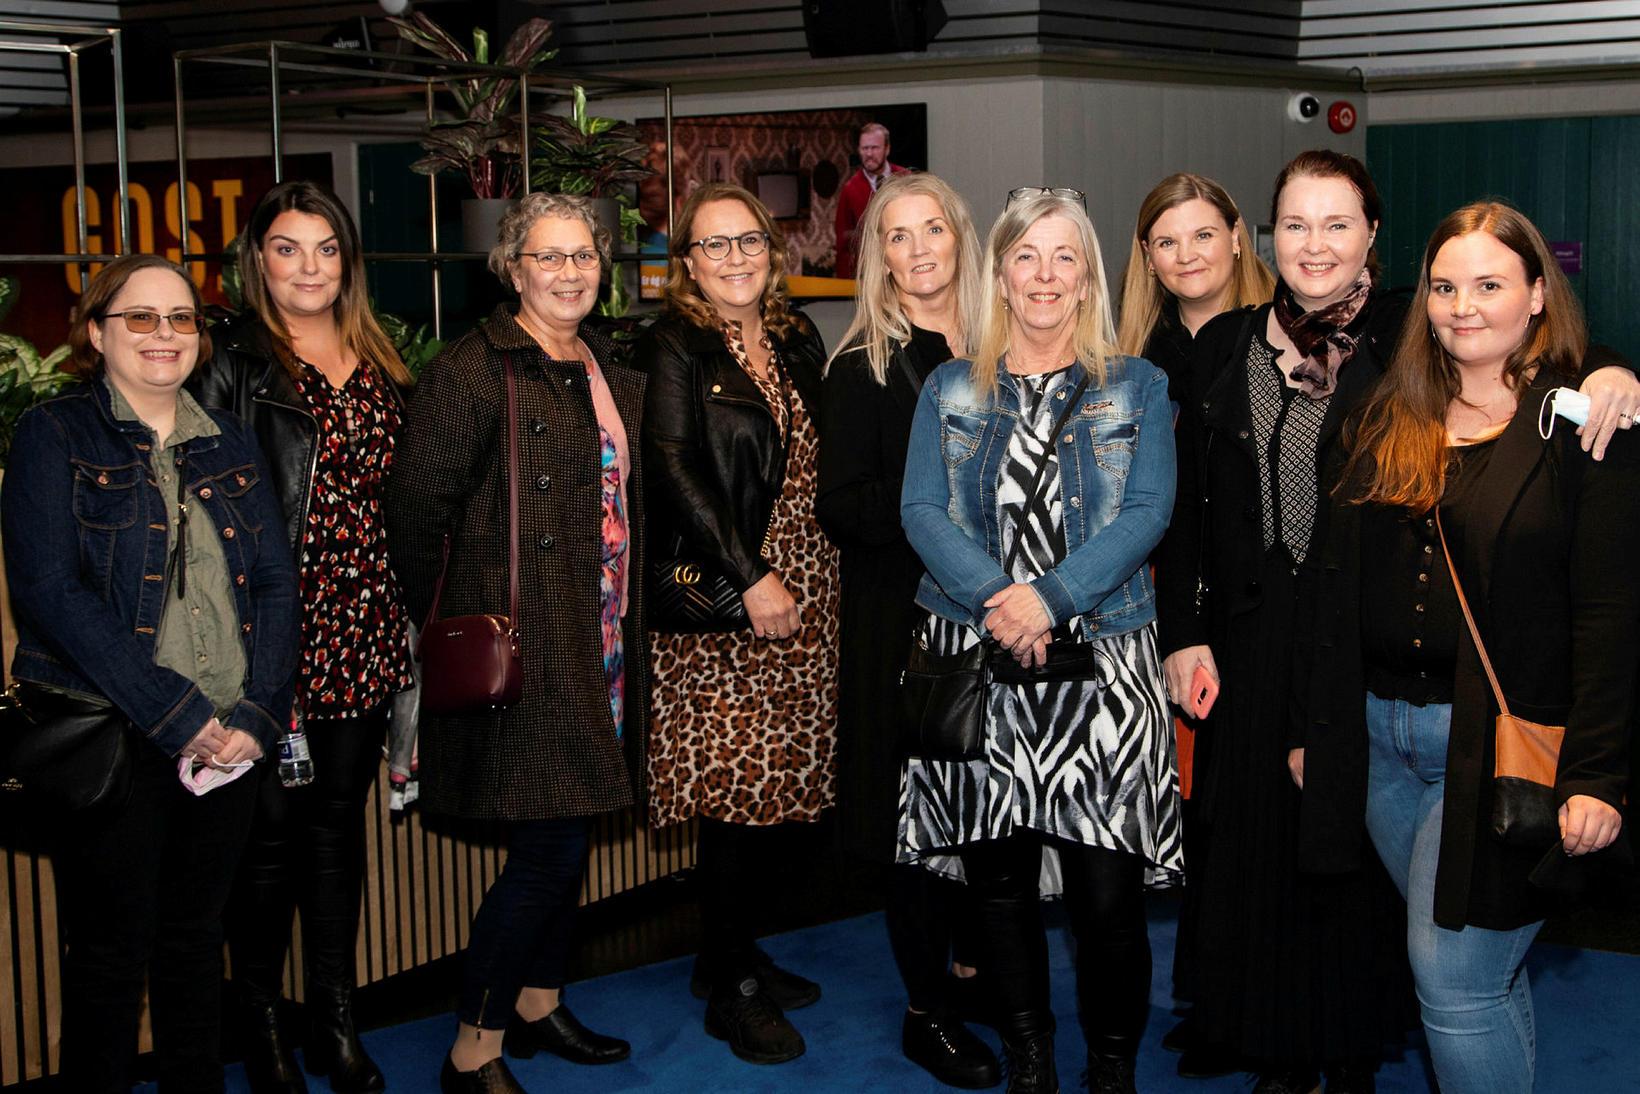 Karlotta Jensdóttir, Edda Rós Örnólfsdóttir, Hulda Margrét Sigtryggsdóttir, Helga Sigurðardóttir. …